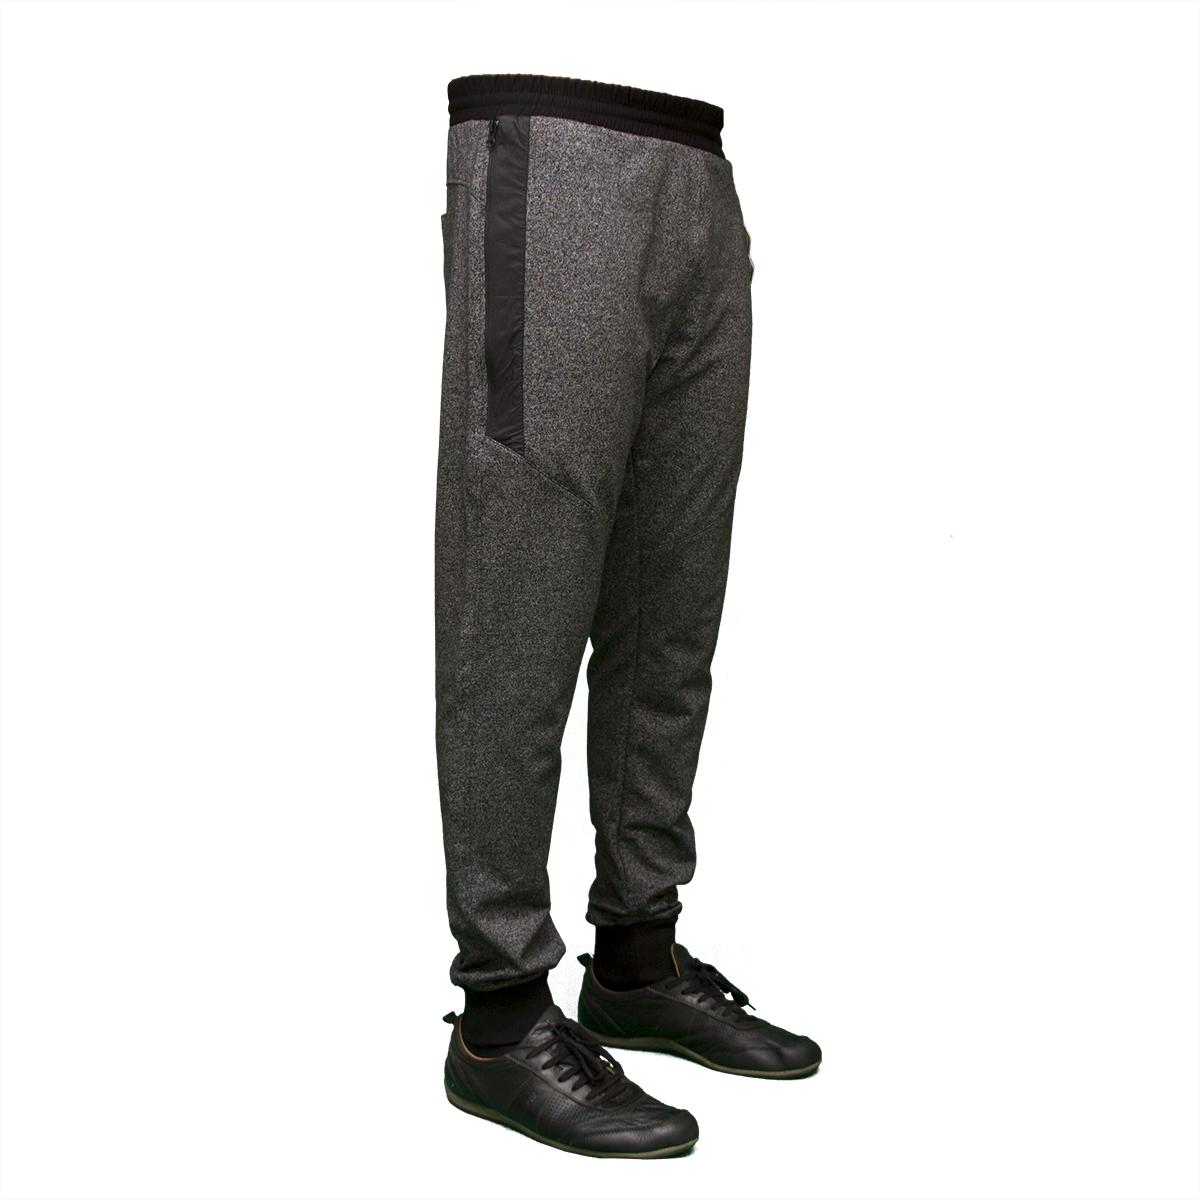 8440695f Молодежные спортивные штаны под манжет TOMMY LIFE фабрика Турция 84228